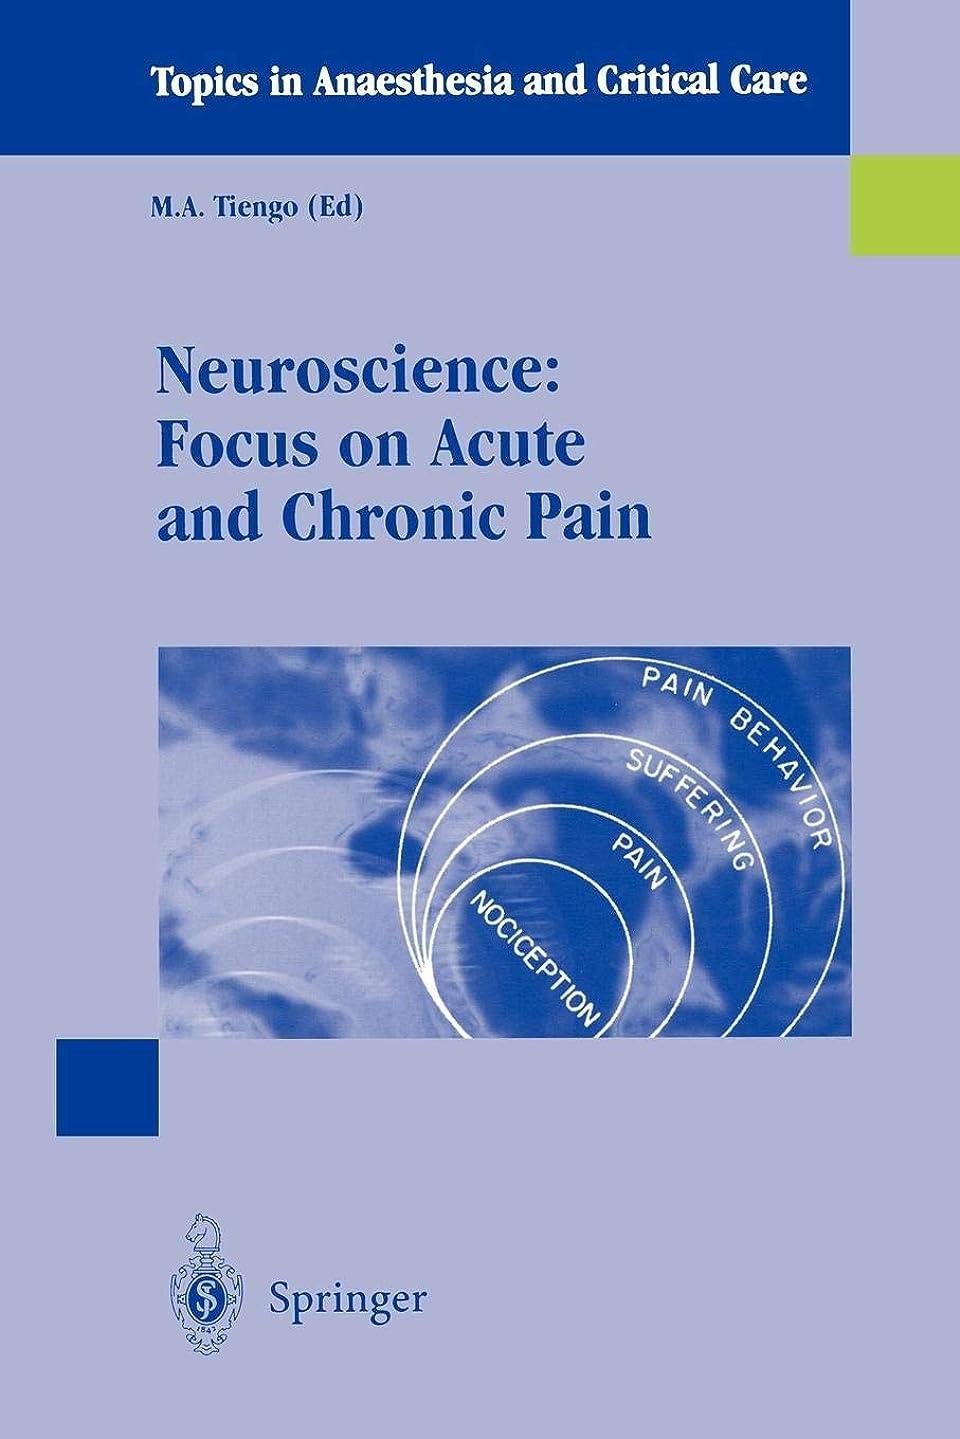 悲観的商品言語Neuroscience: Focus on Acute and Chronic Pain (Topics in Anaesthesia and Critical Care)